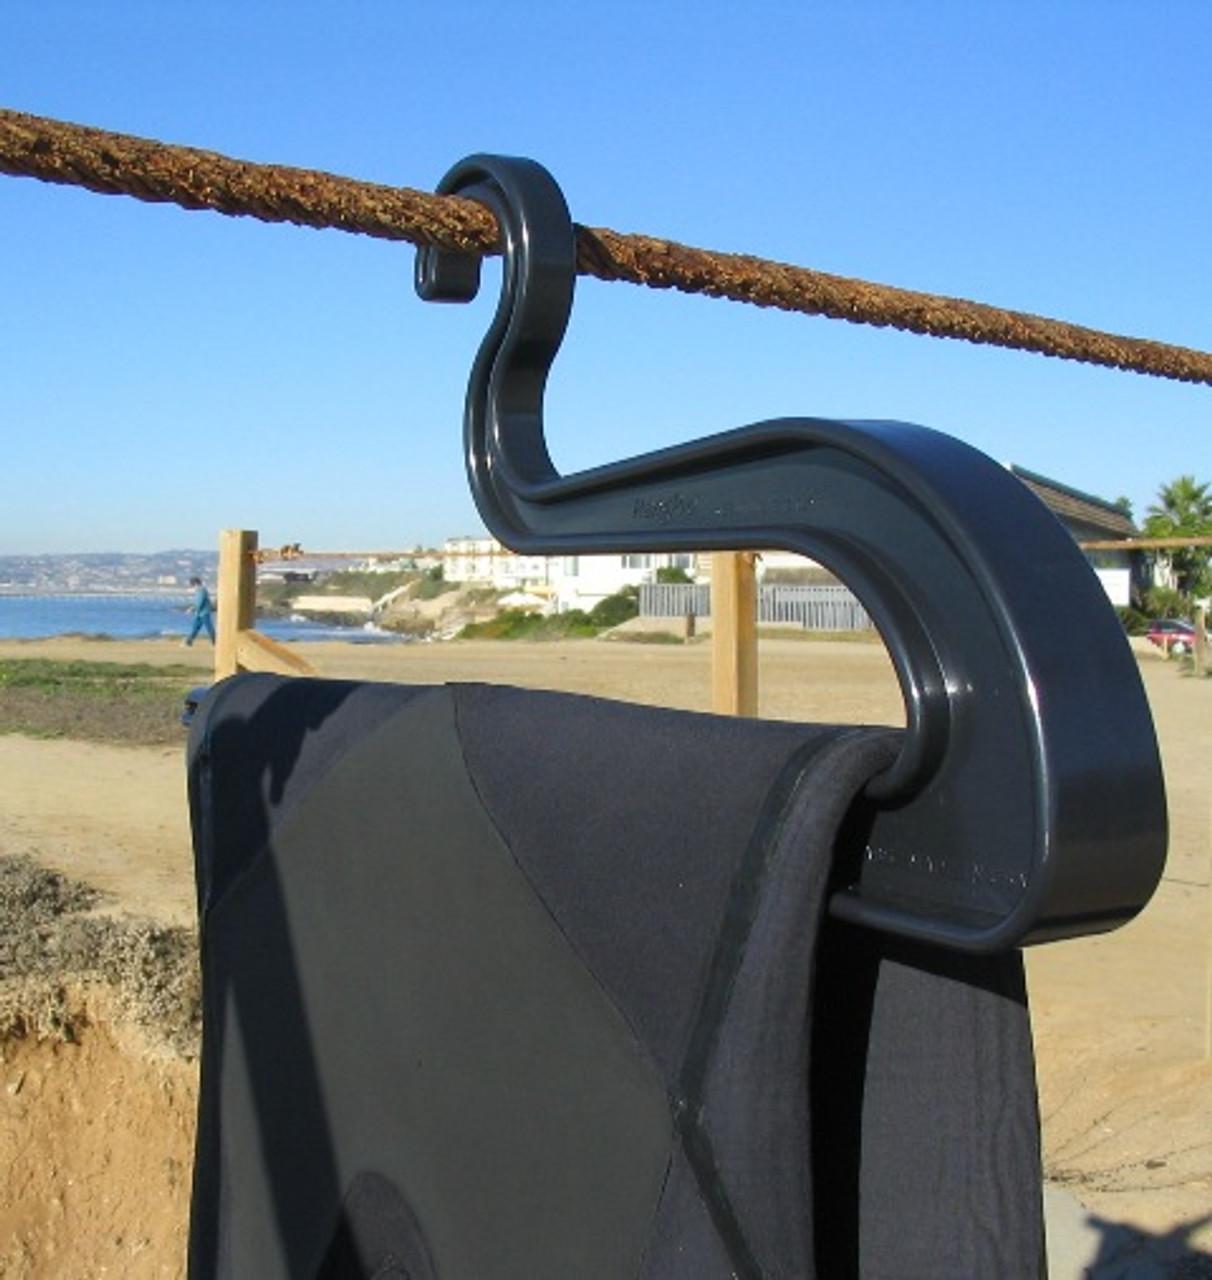 wetsuit drying hanger